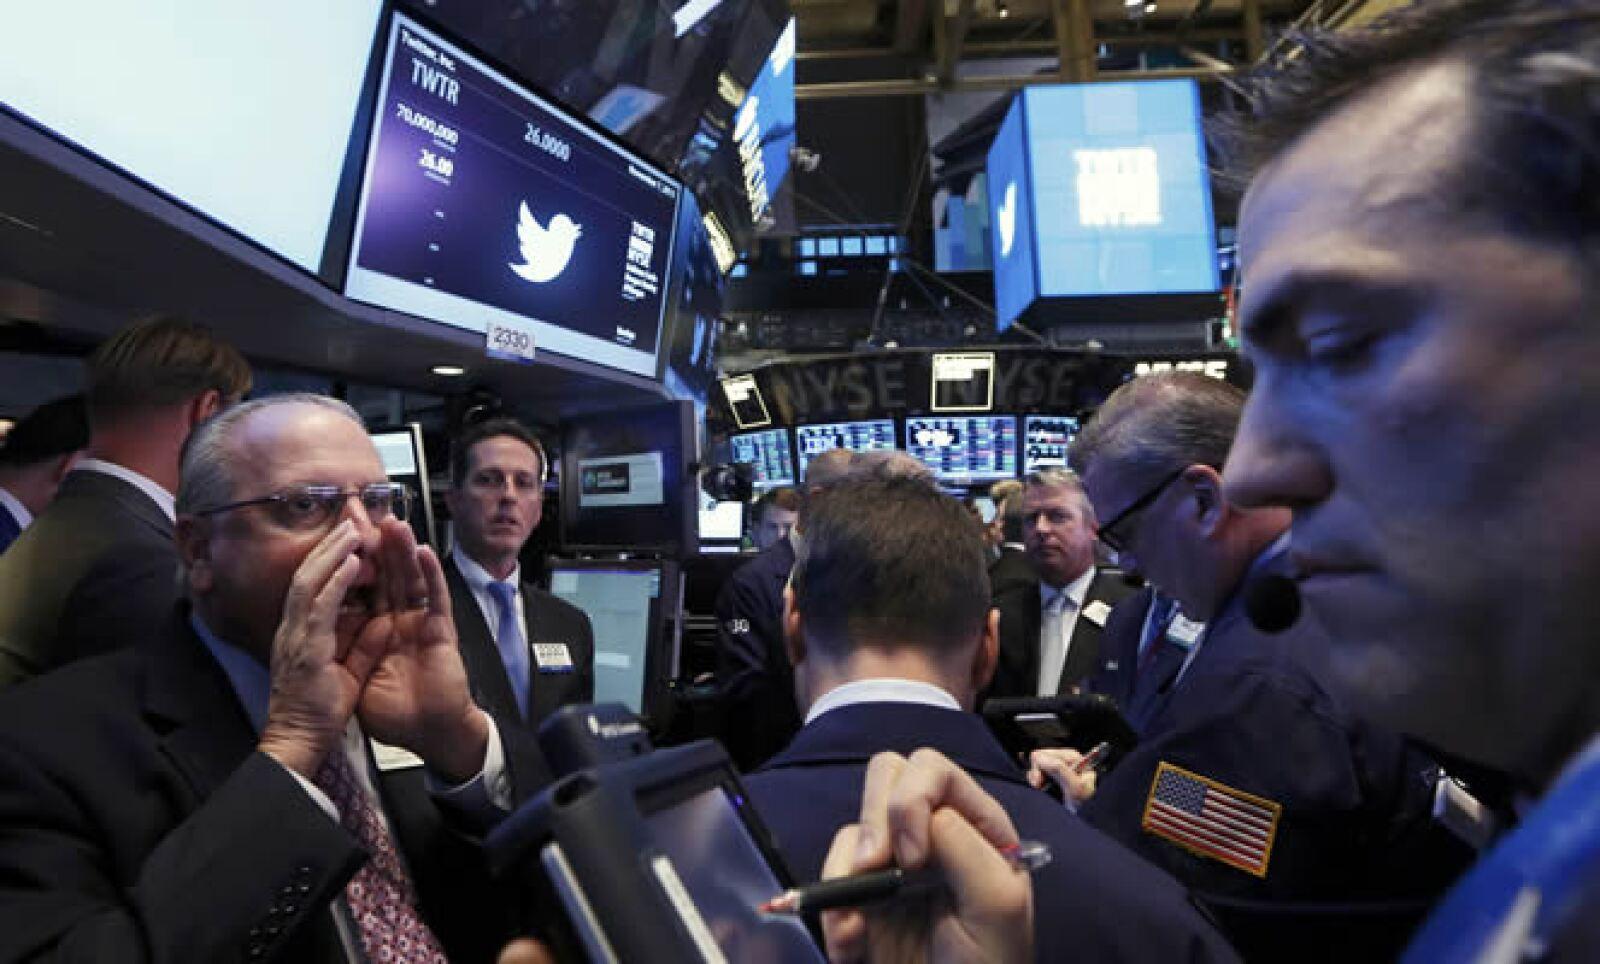 Twitter terminó la semana, en su segundo día de cotización en la Bolsa de Nueva York, con una pérdida de 7.24% a 41.65 dólares por acción.